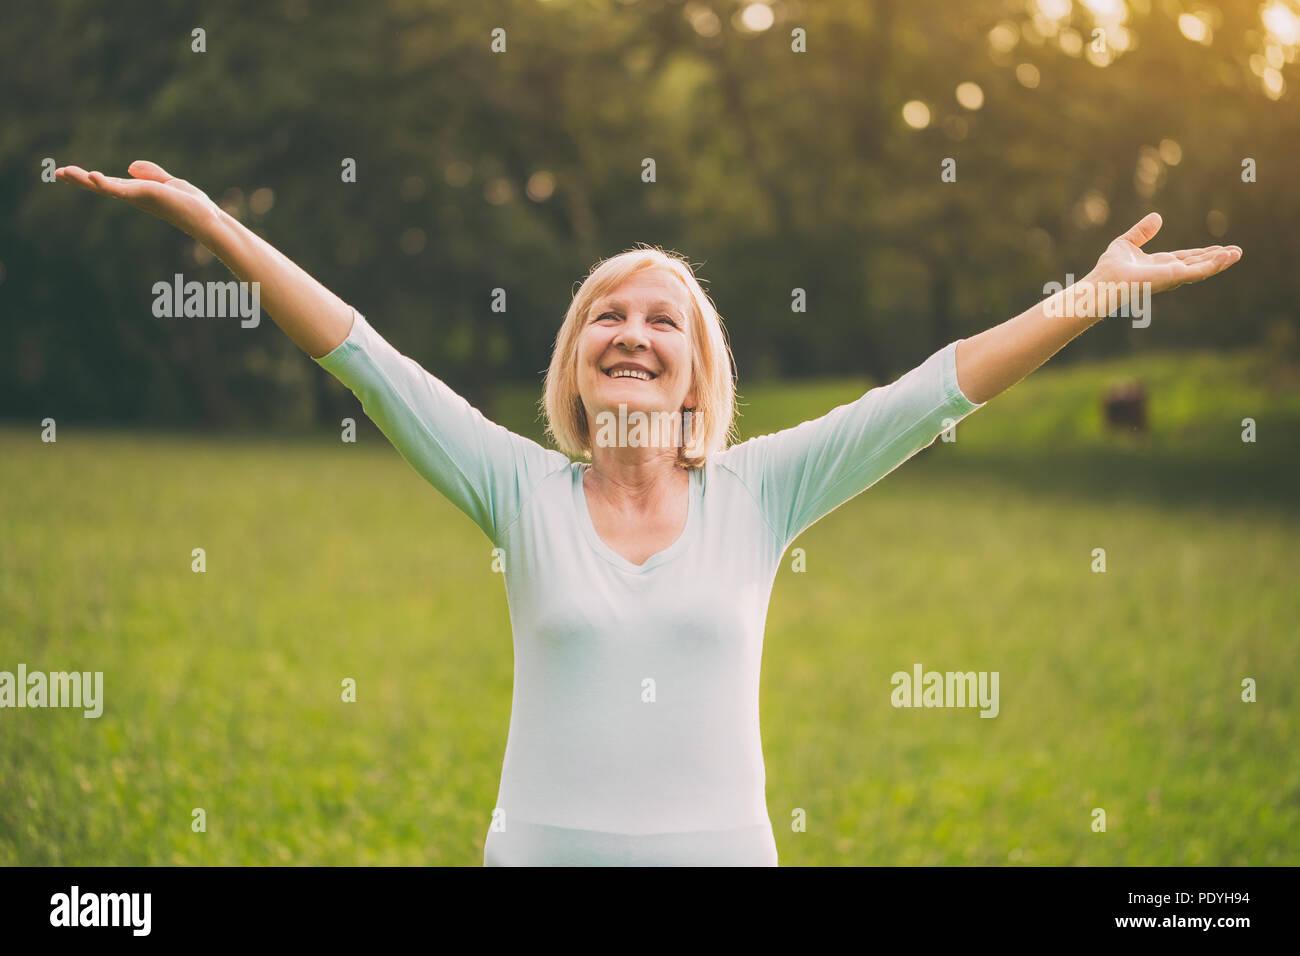 Ältere Frau genießt mit ihren Armen in der Natur ausgestreckt. Bild ist absichtlich abgeschwächt. Stockbild